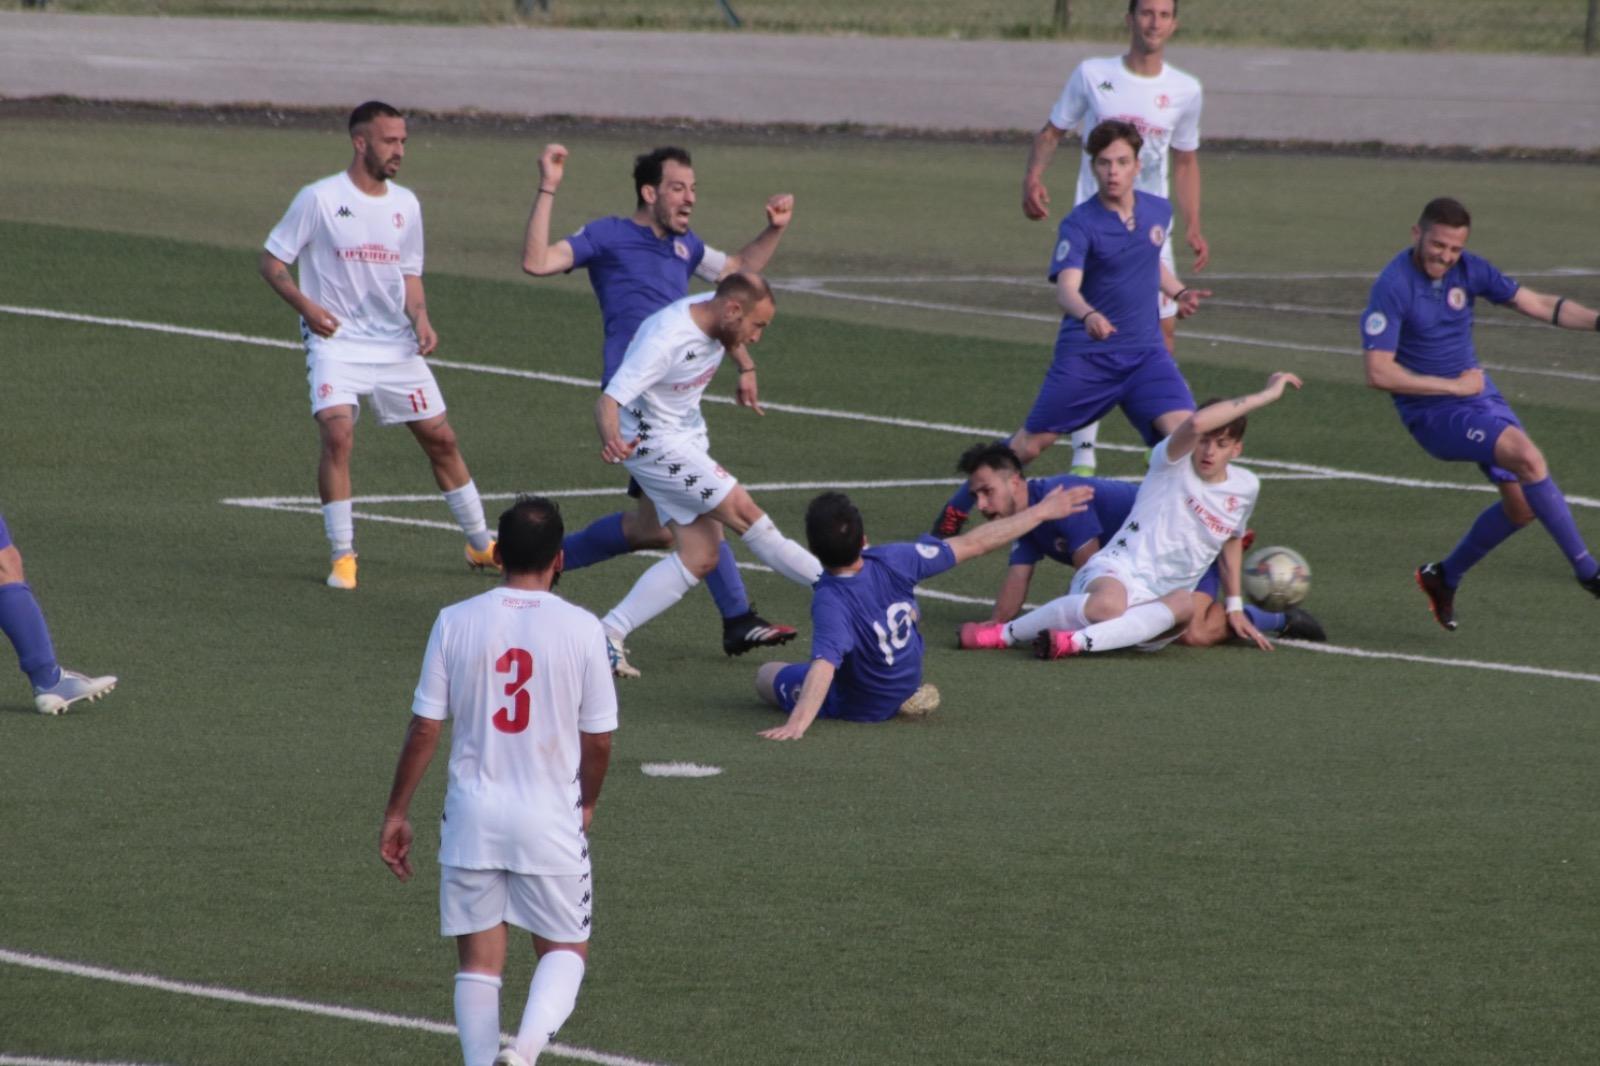 Montefano e Anconitana impattano sullo 0-0